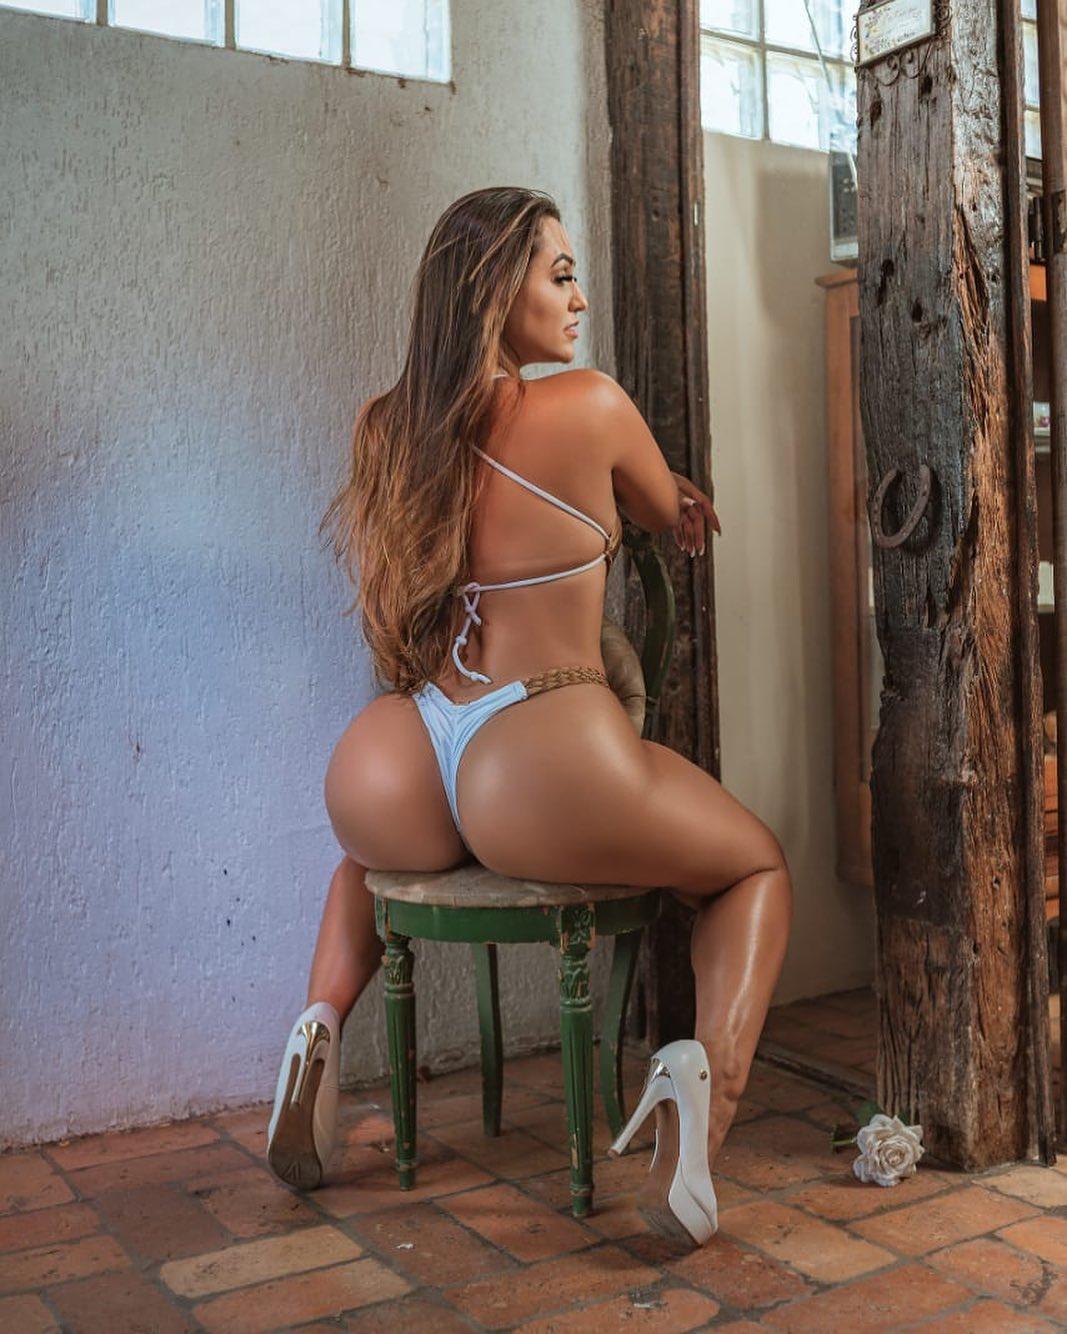 Suzana Simonet representa o Estado de Santa Catarina no Miss Bumbum 2021